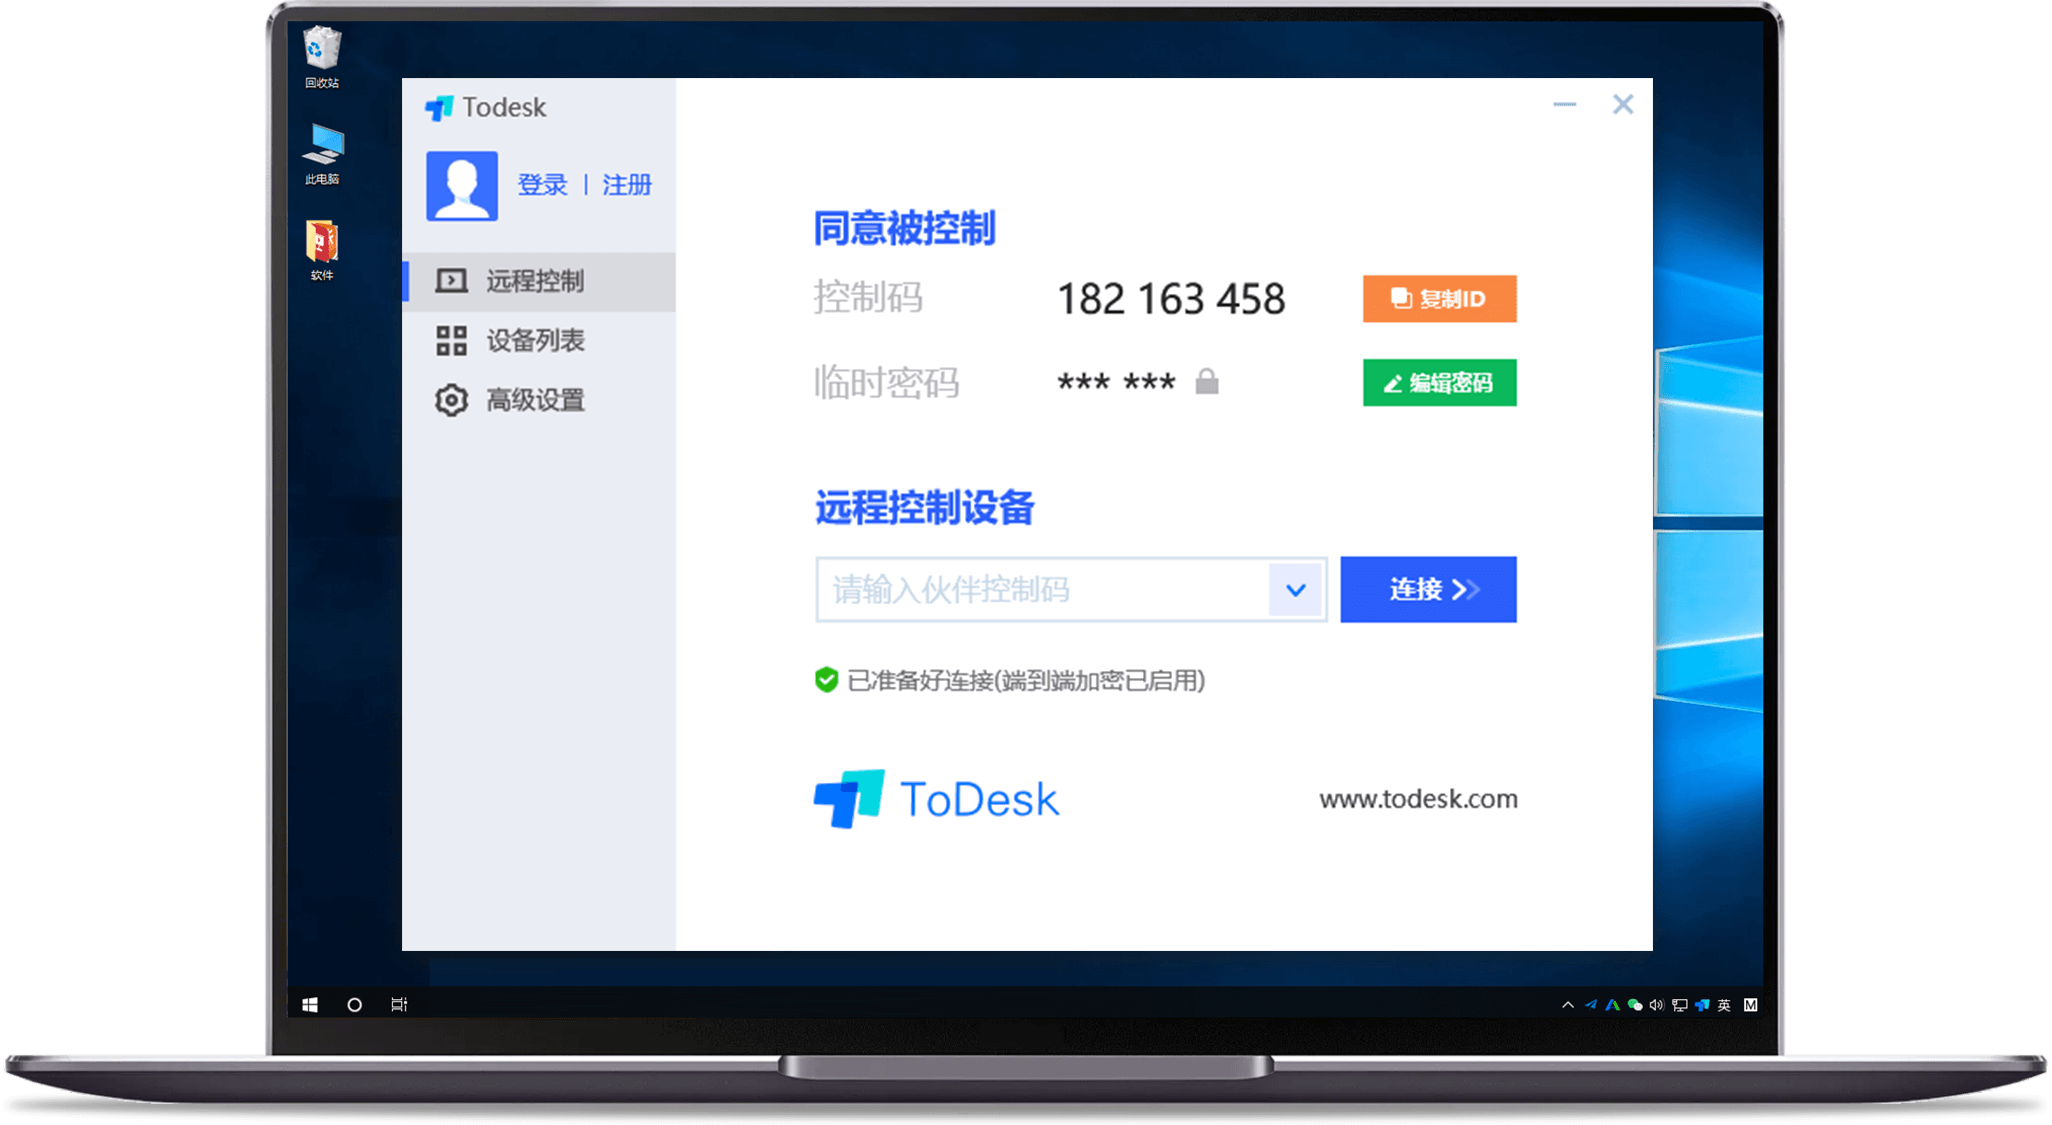 ToDesk远程控制软件安装教程